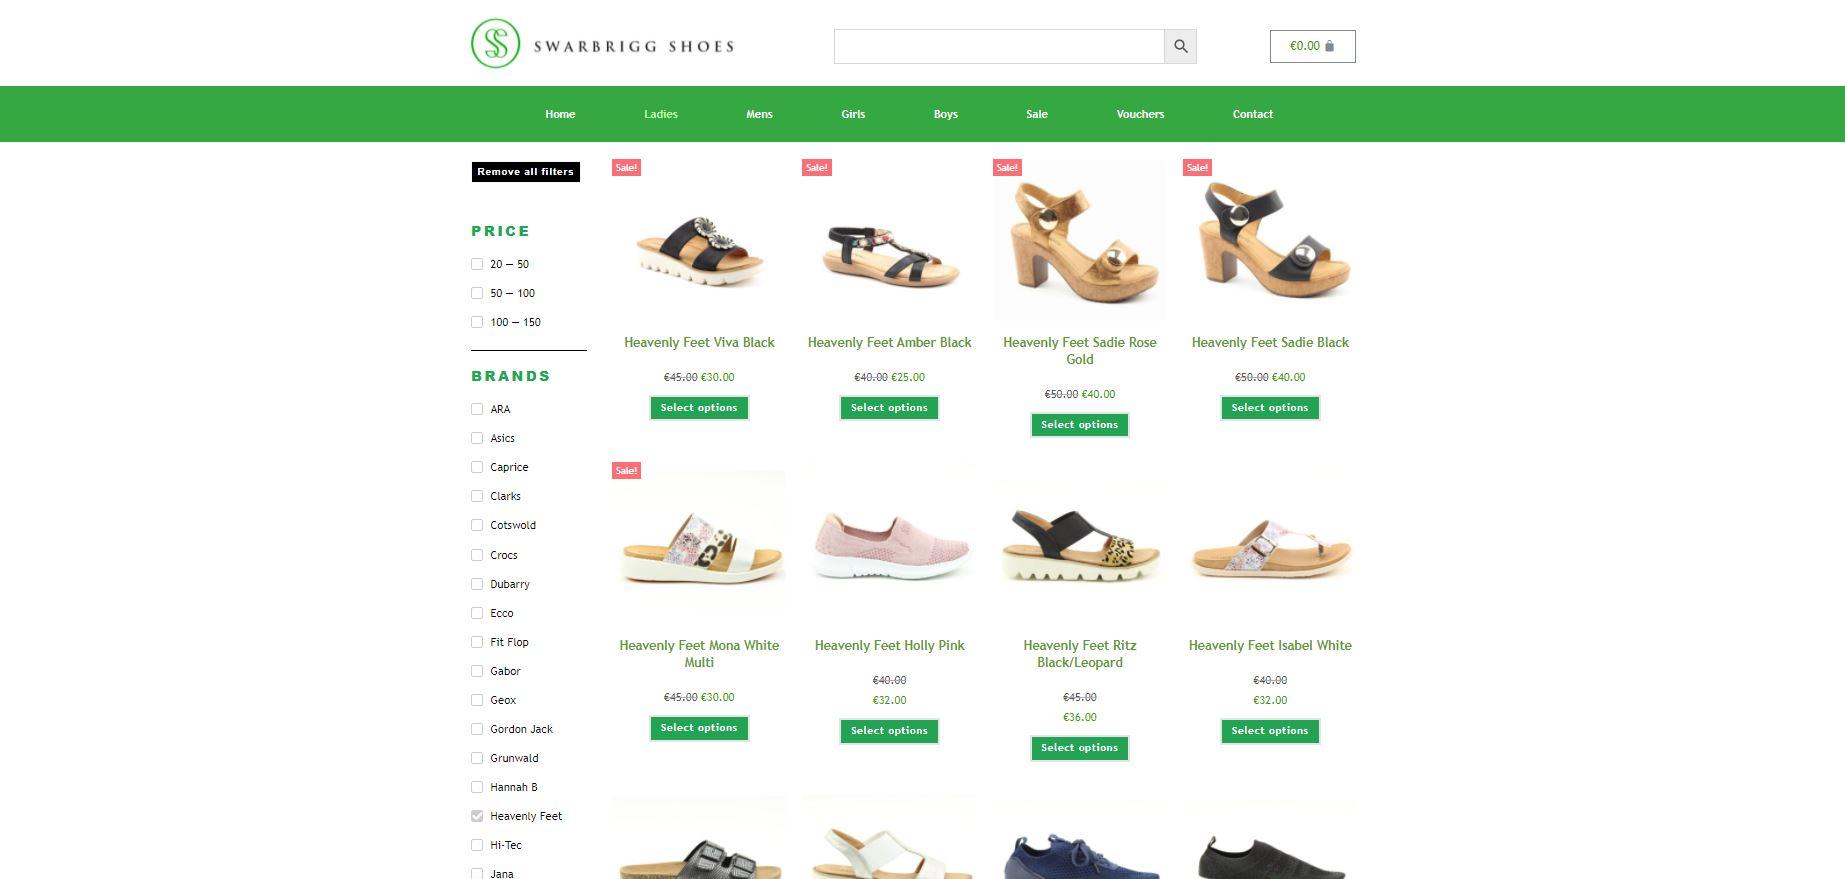 Swarbrigg Shoes